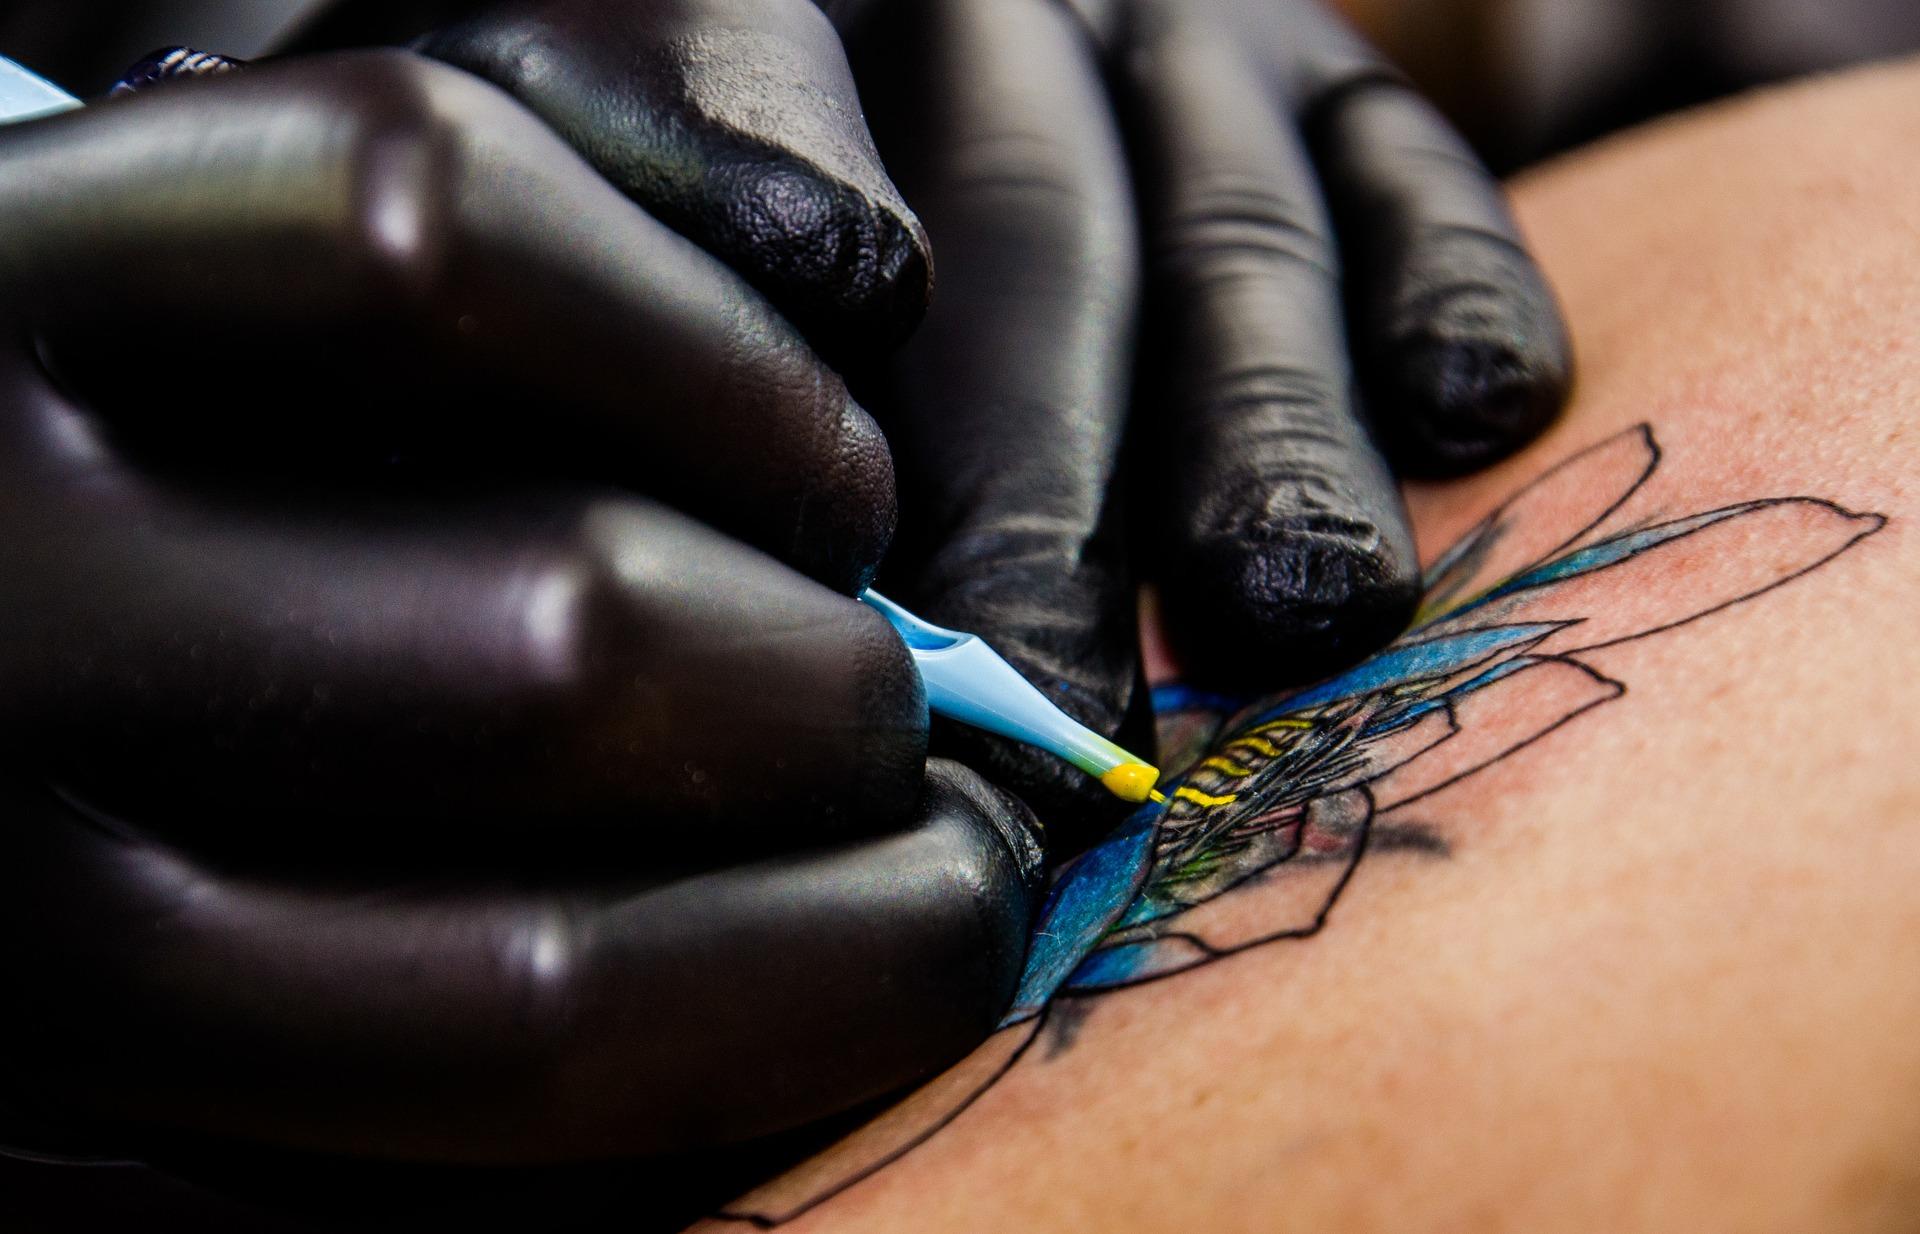 Tatuaż Spontaniczny Vs Tatuaż Planowany O Tym Warto